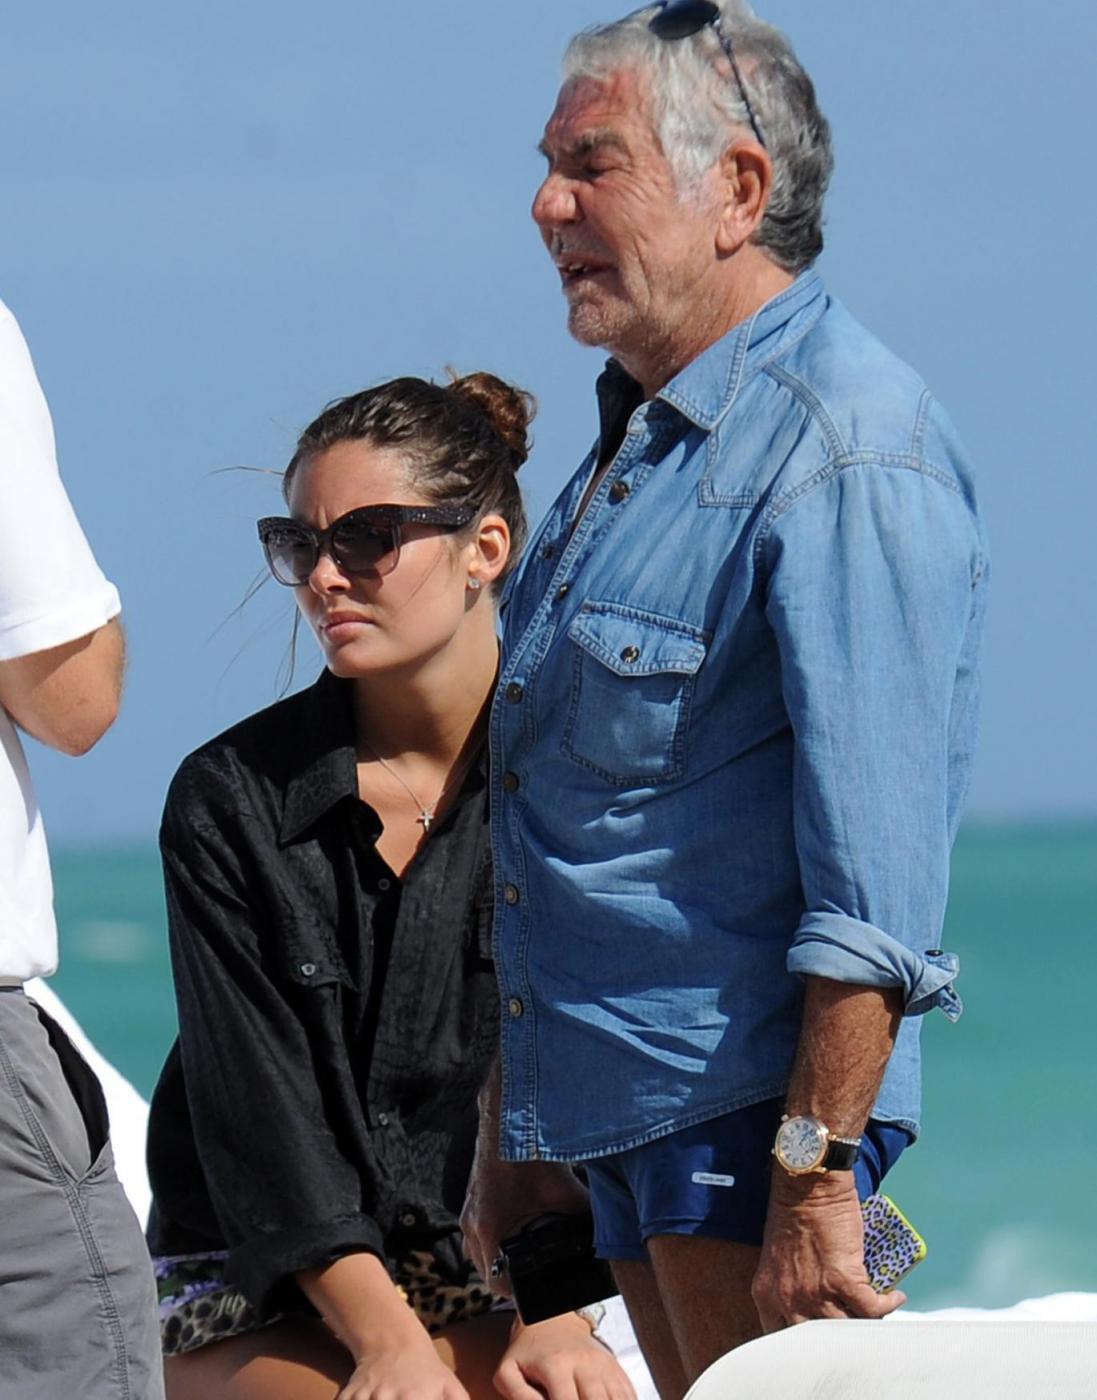 Roberto Cavalli in spiaggia a Miami con Lina Nilson e Lenny Kravitz02